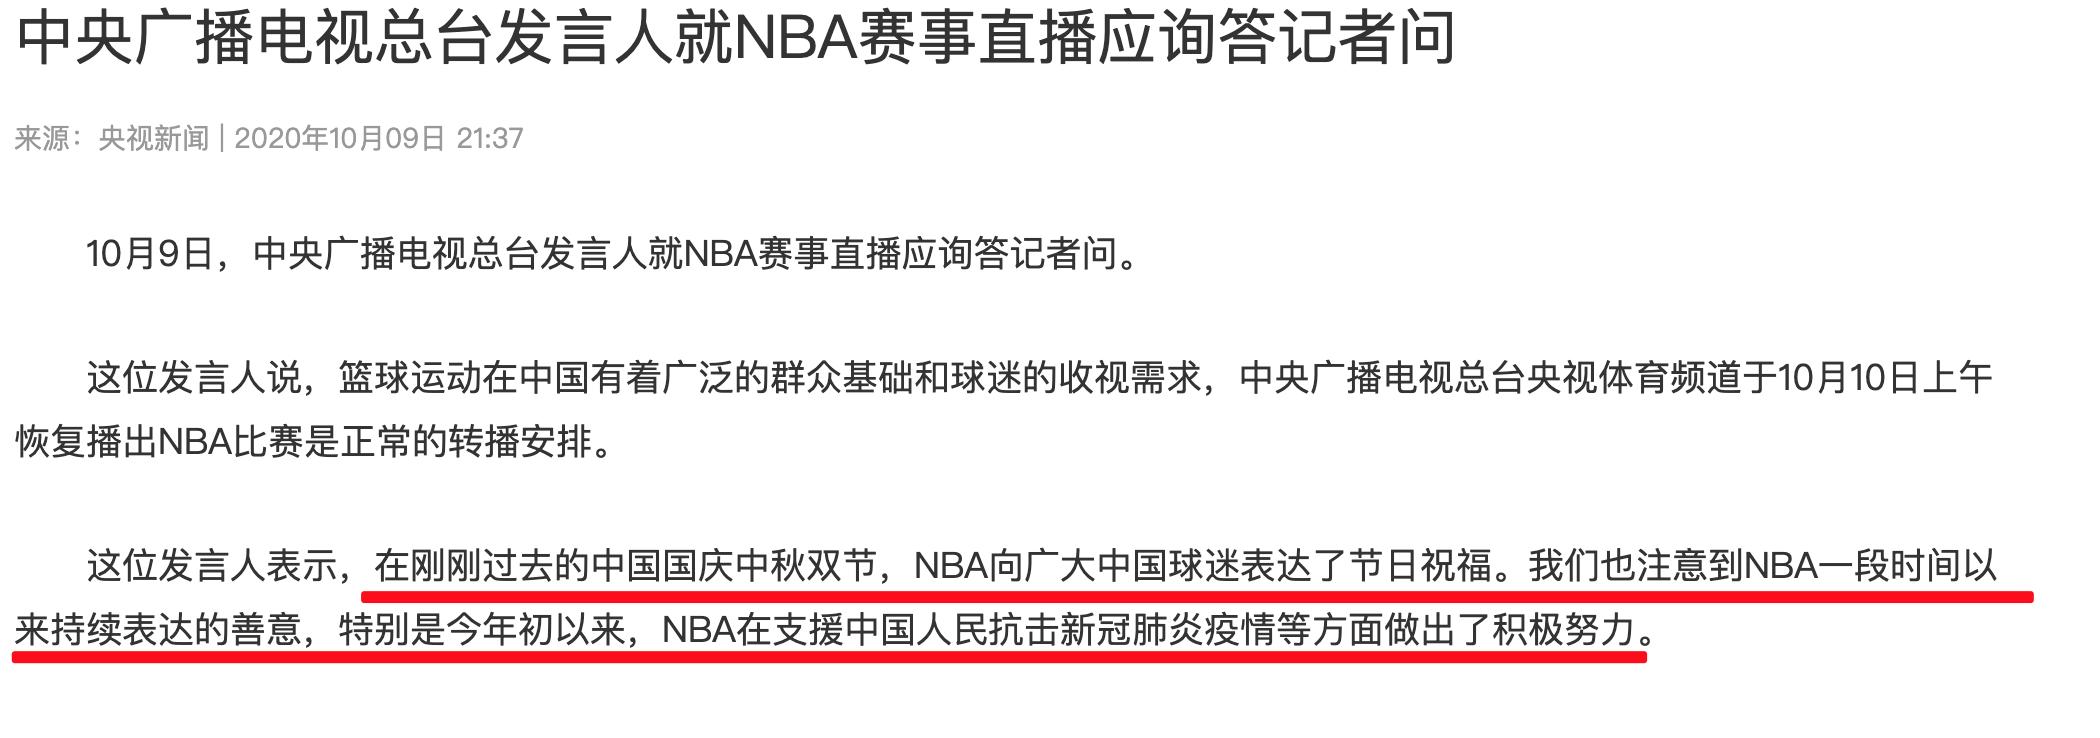 中央广播电视总台发言人就NBA赛事直播应询答记者问